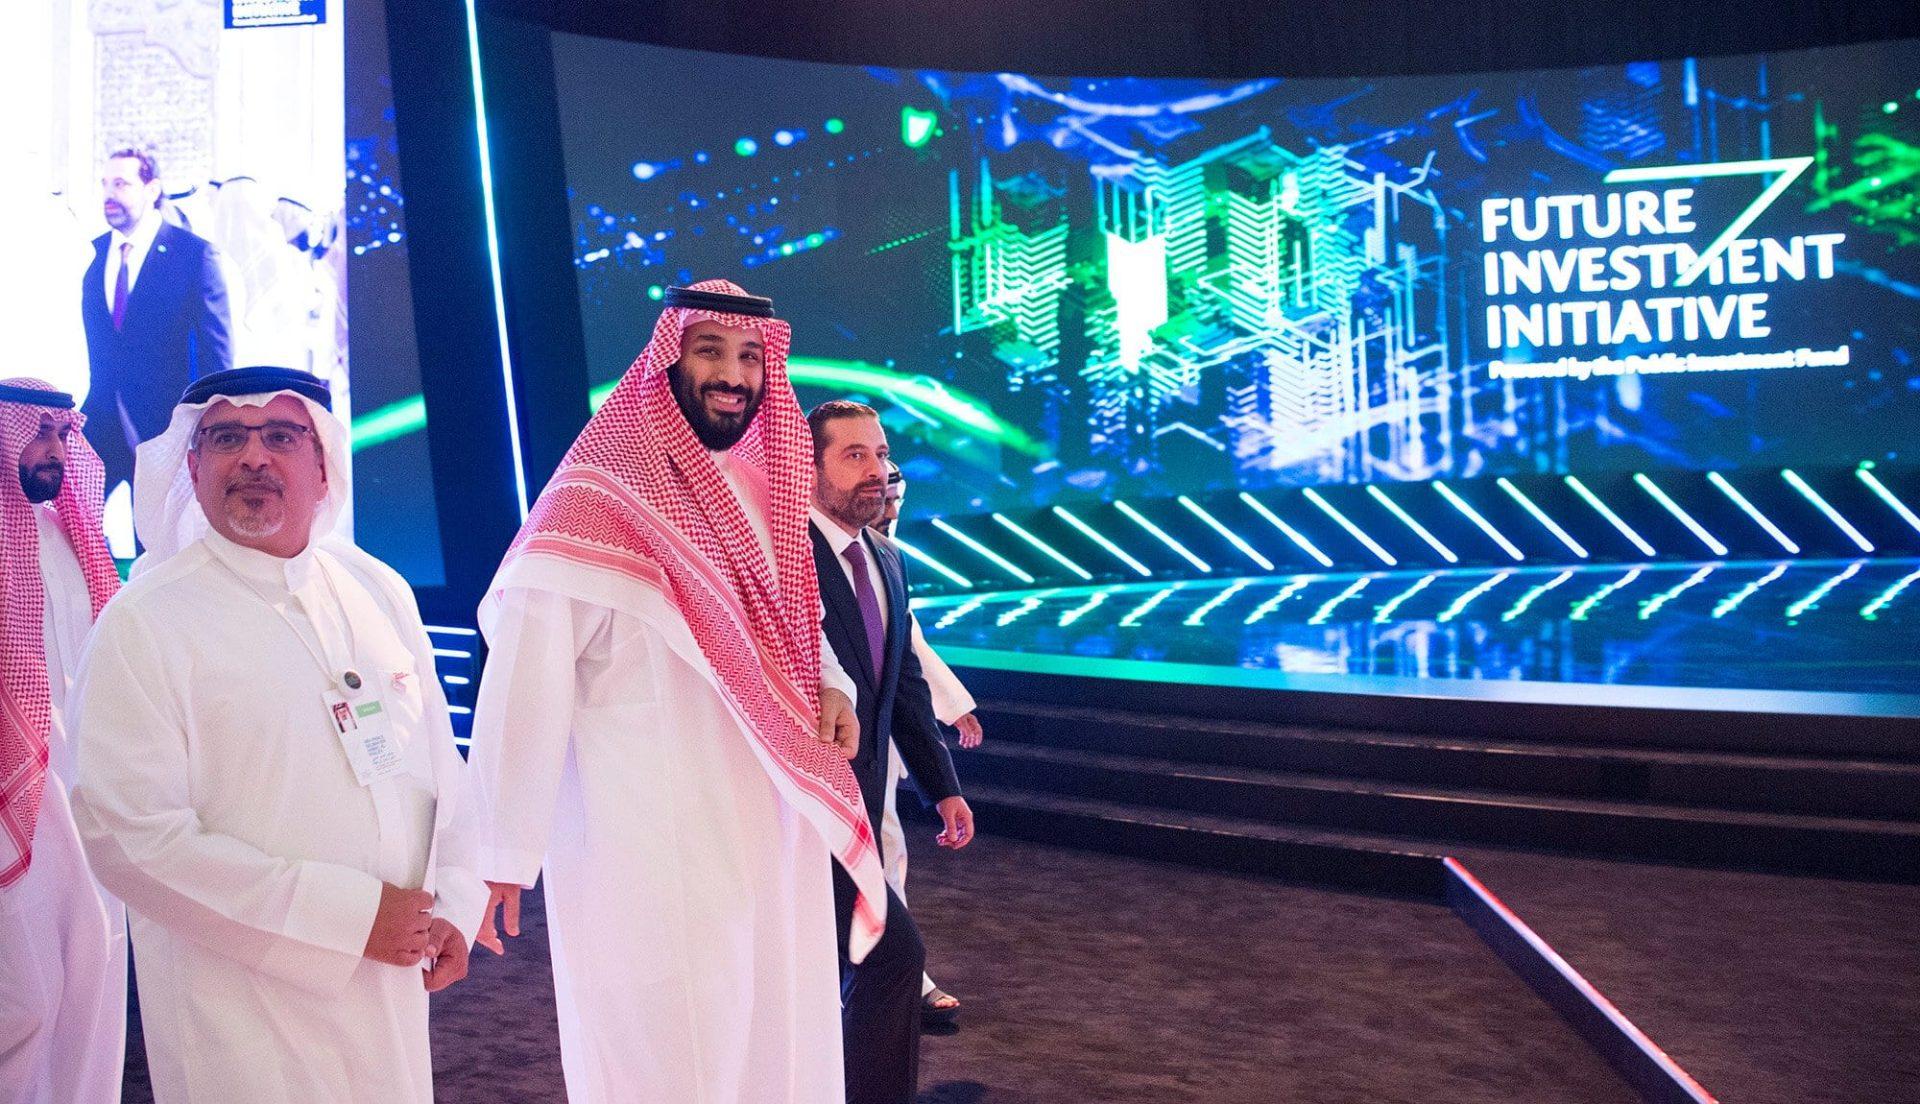 بلومبيرغ تكشف المصيبة التي جلبها محمد بن سلمان للسعوديين من أجل تحقيق أحلامه